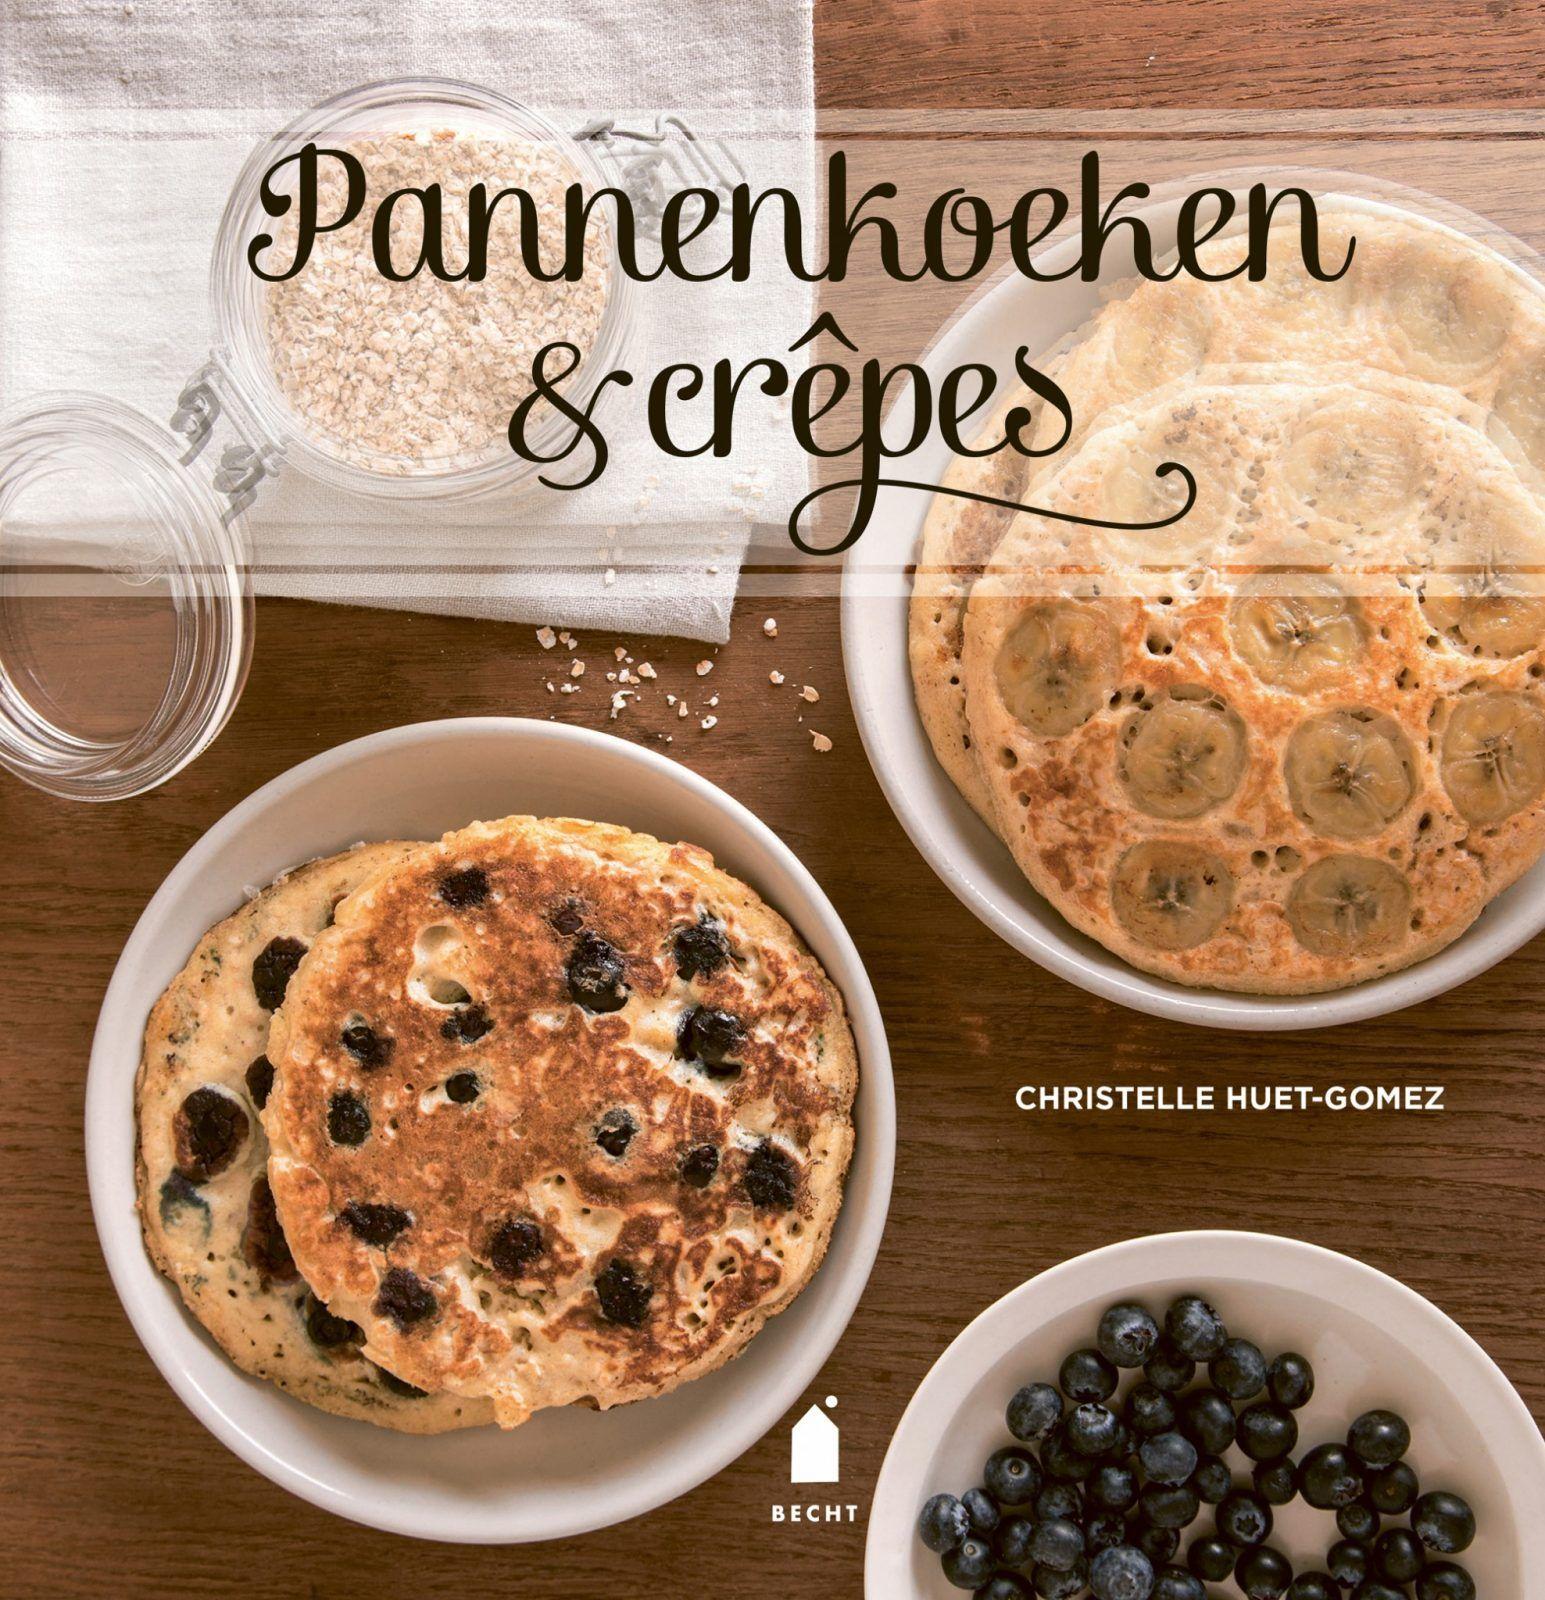 zoete crepe, kookboek, pannenkoeken en crepes